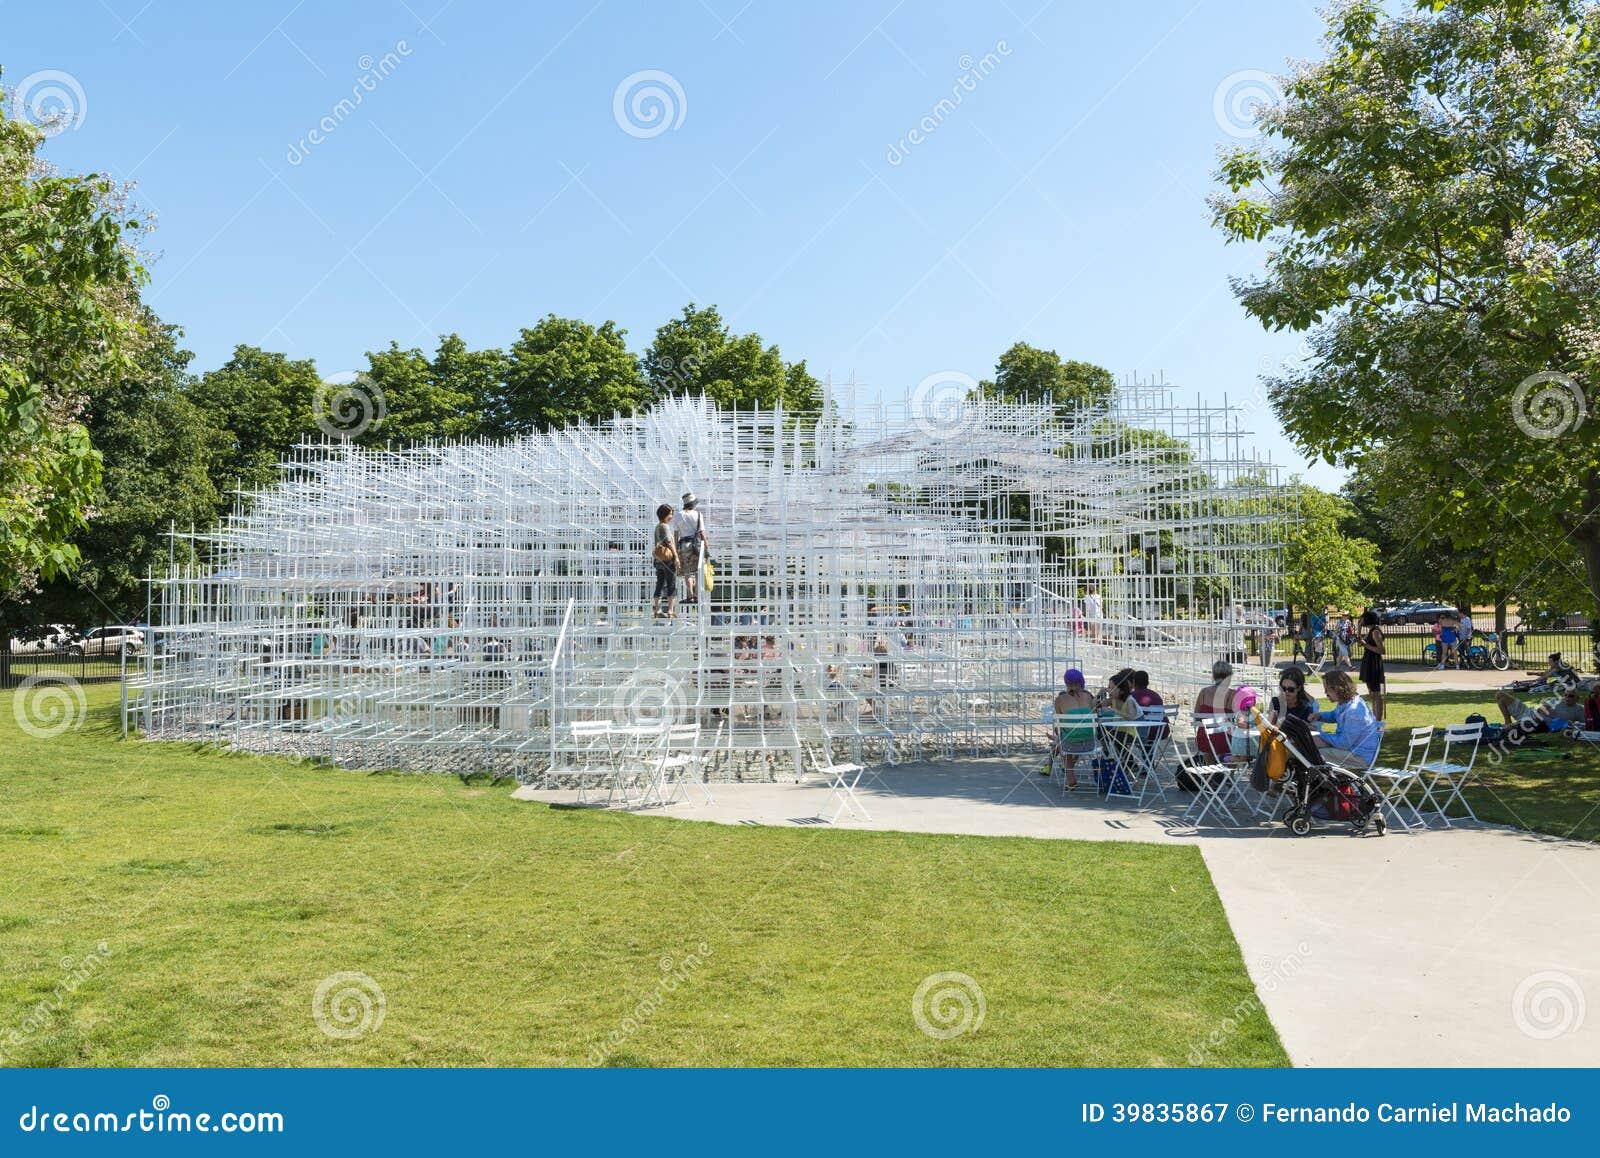 ЛОНДОН, ВЕЛИКОБРИТАНИЯ - 1-ОЕ АВГУСТА: Посетители парка наслаждаясь солнечной погодой